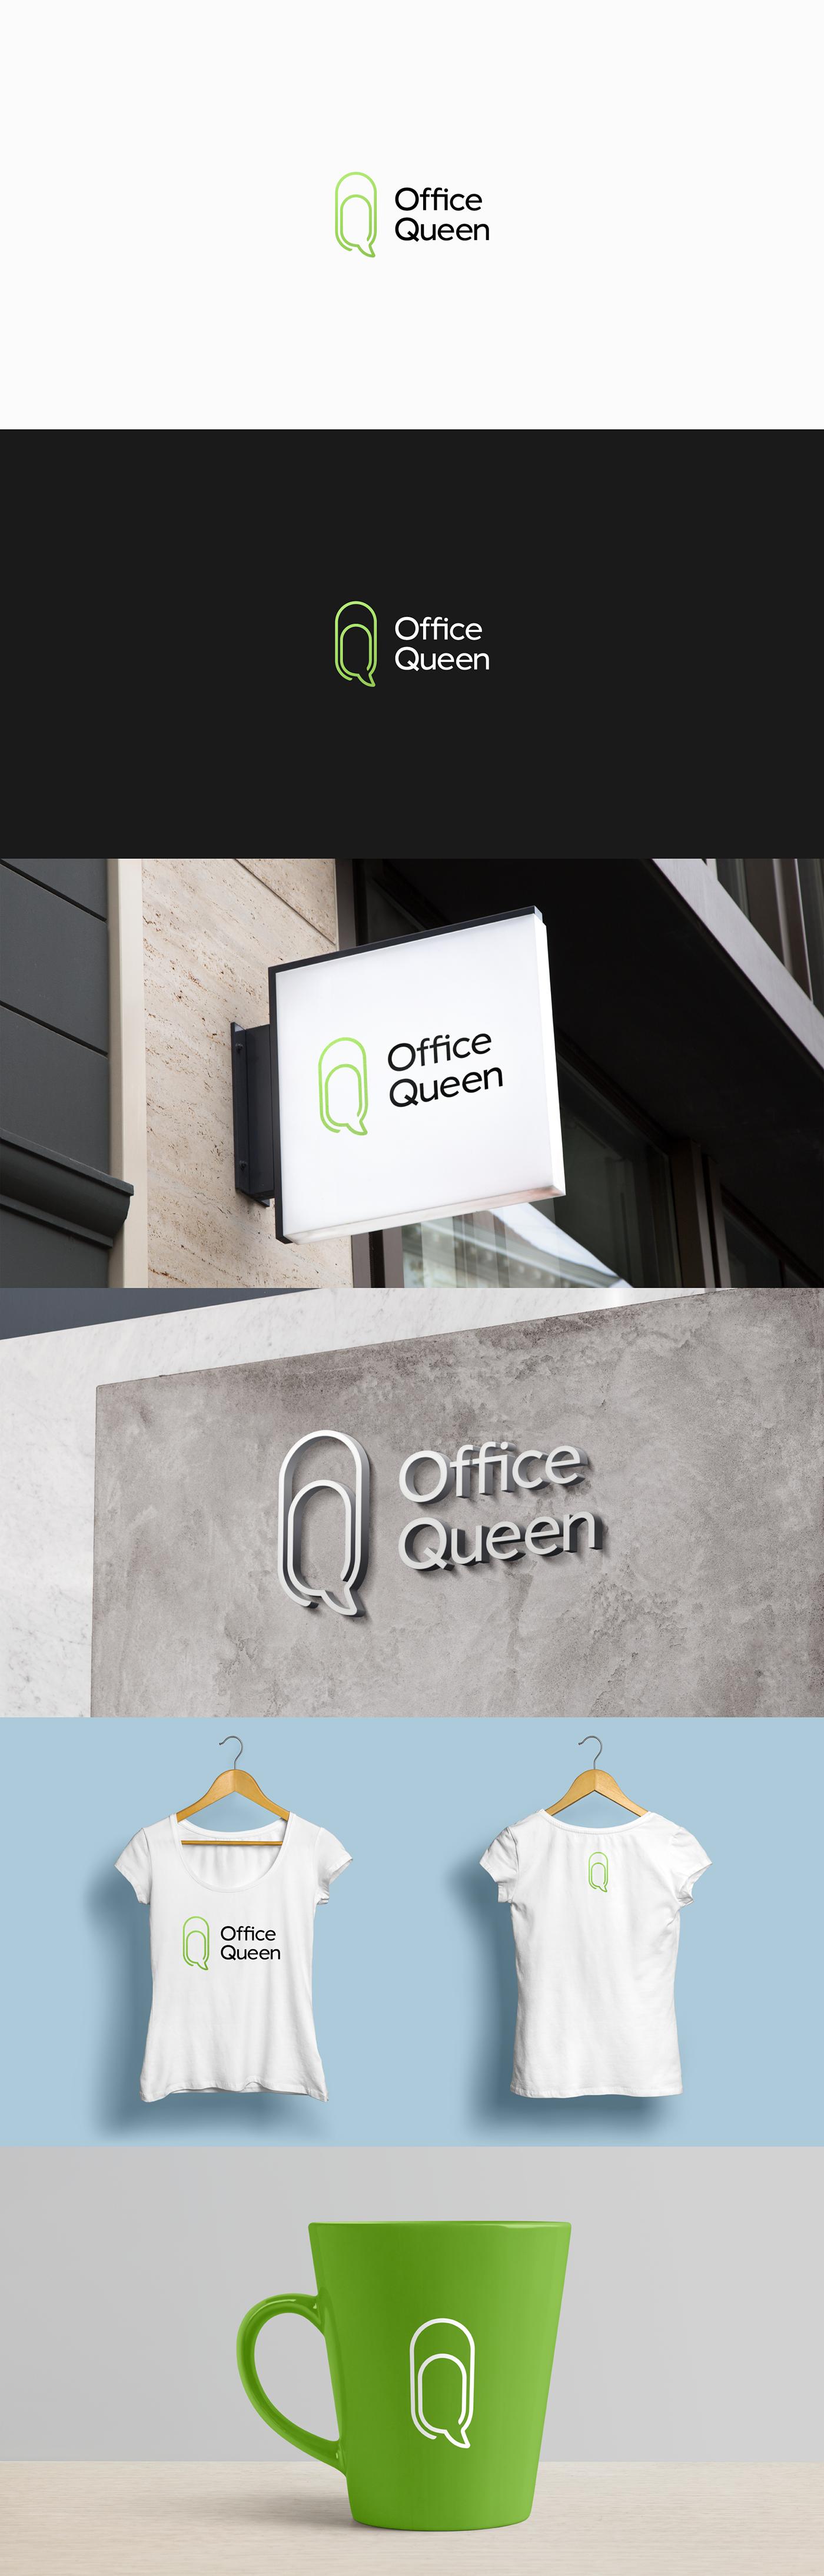 Logotype logo Office queen officequeen finance Russia brand branding